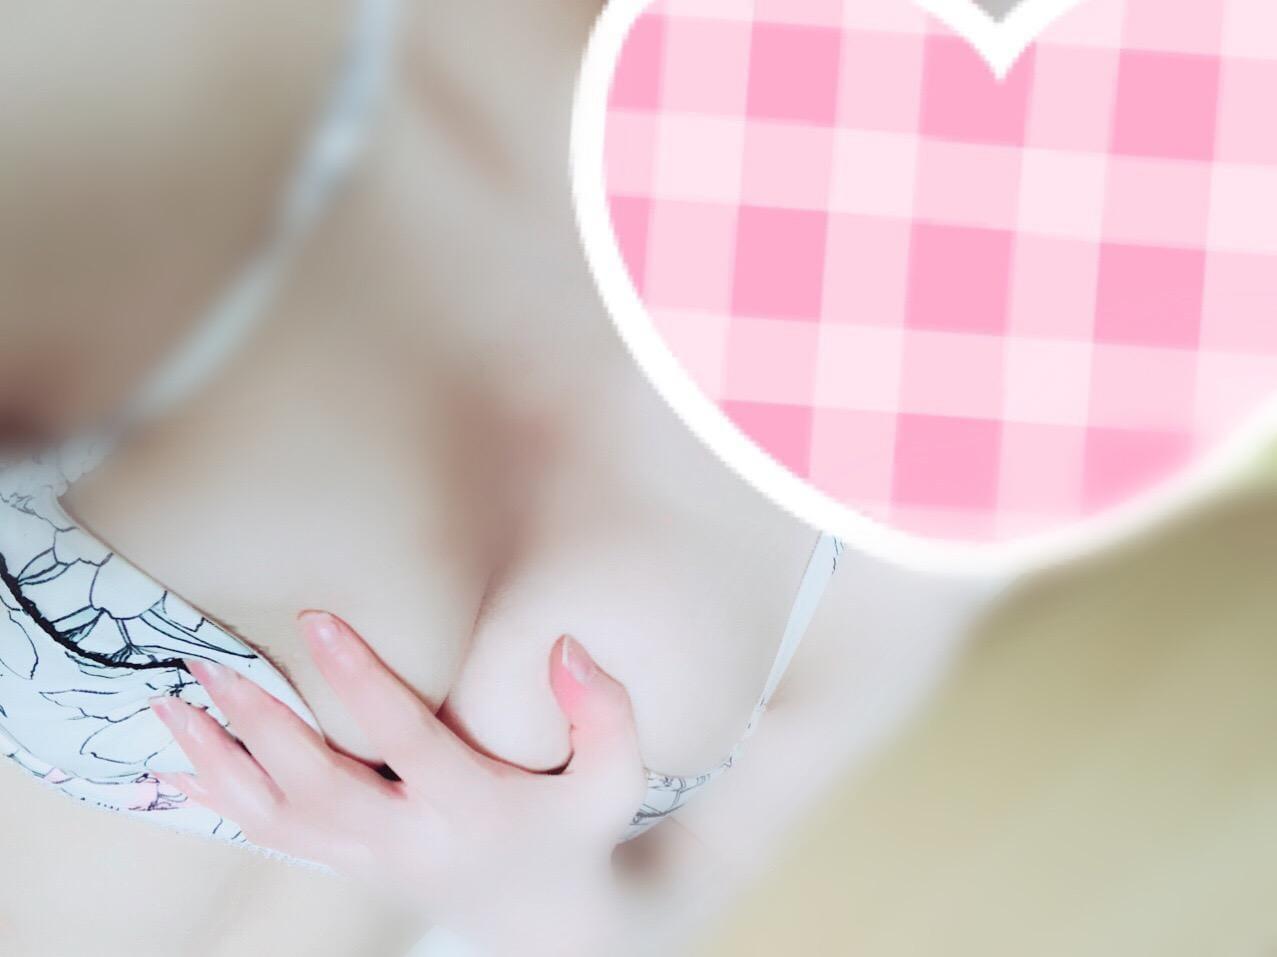 きよか(女医)「( ¨̮ )」06/16(日) 19:26   きよか(女医)の写メ・風俗動画